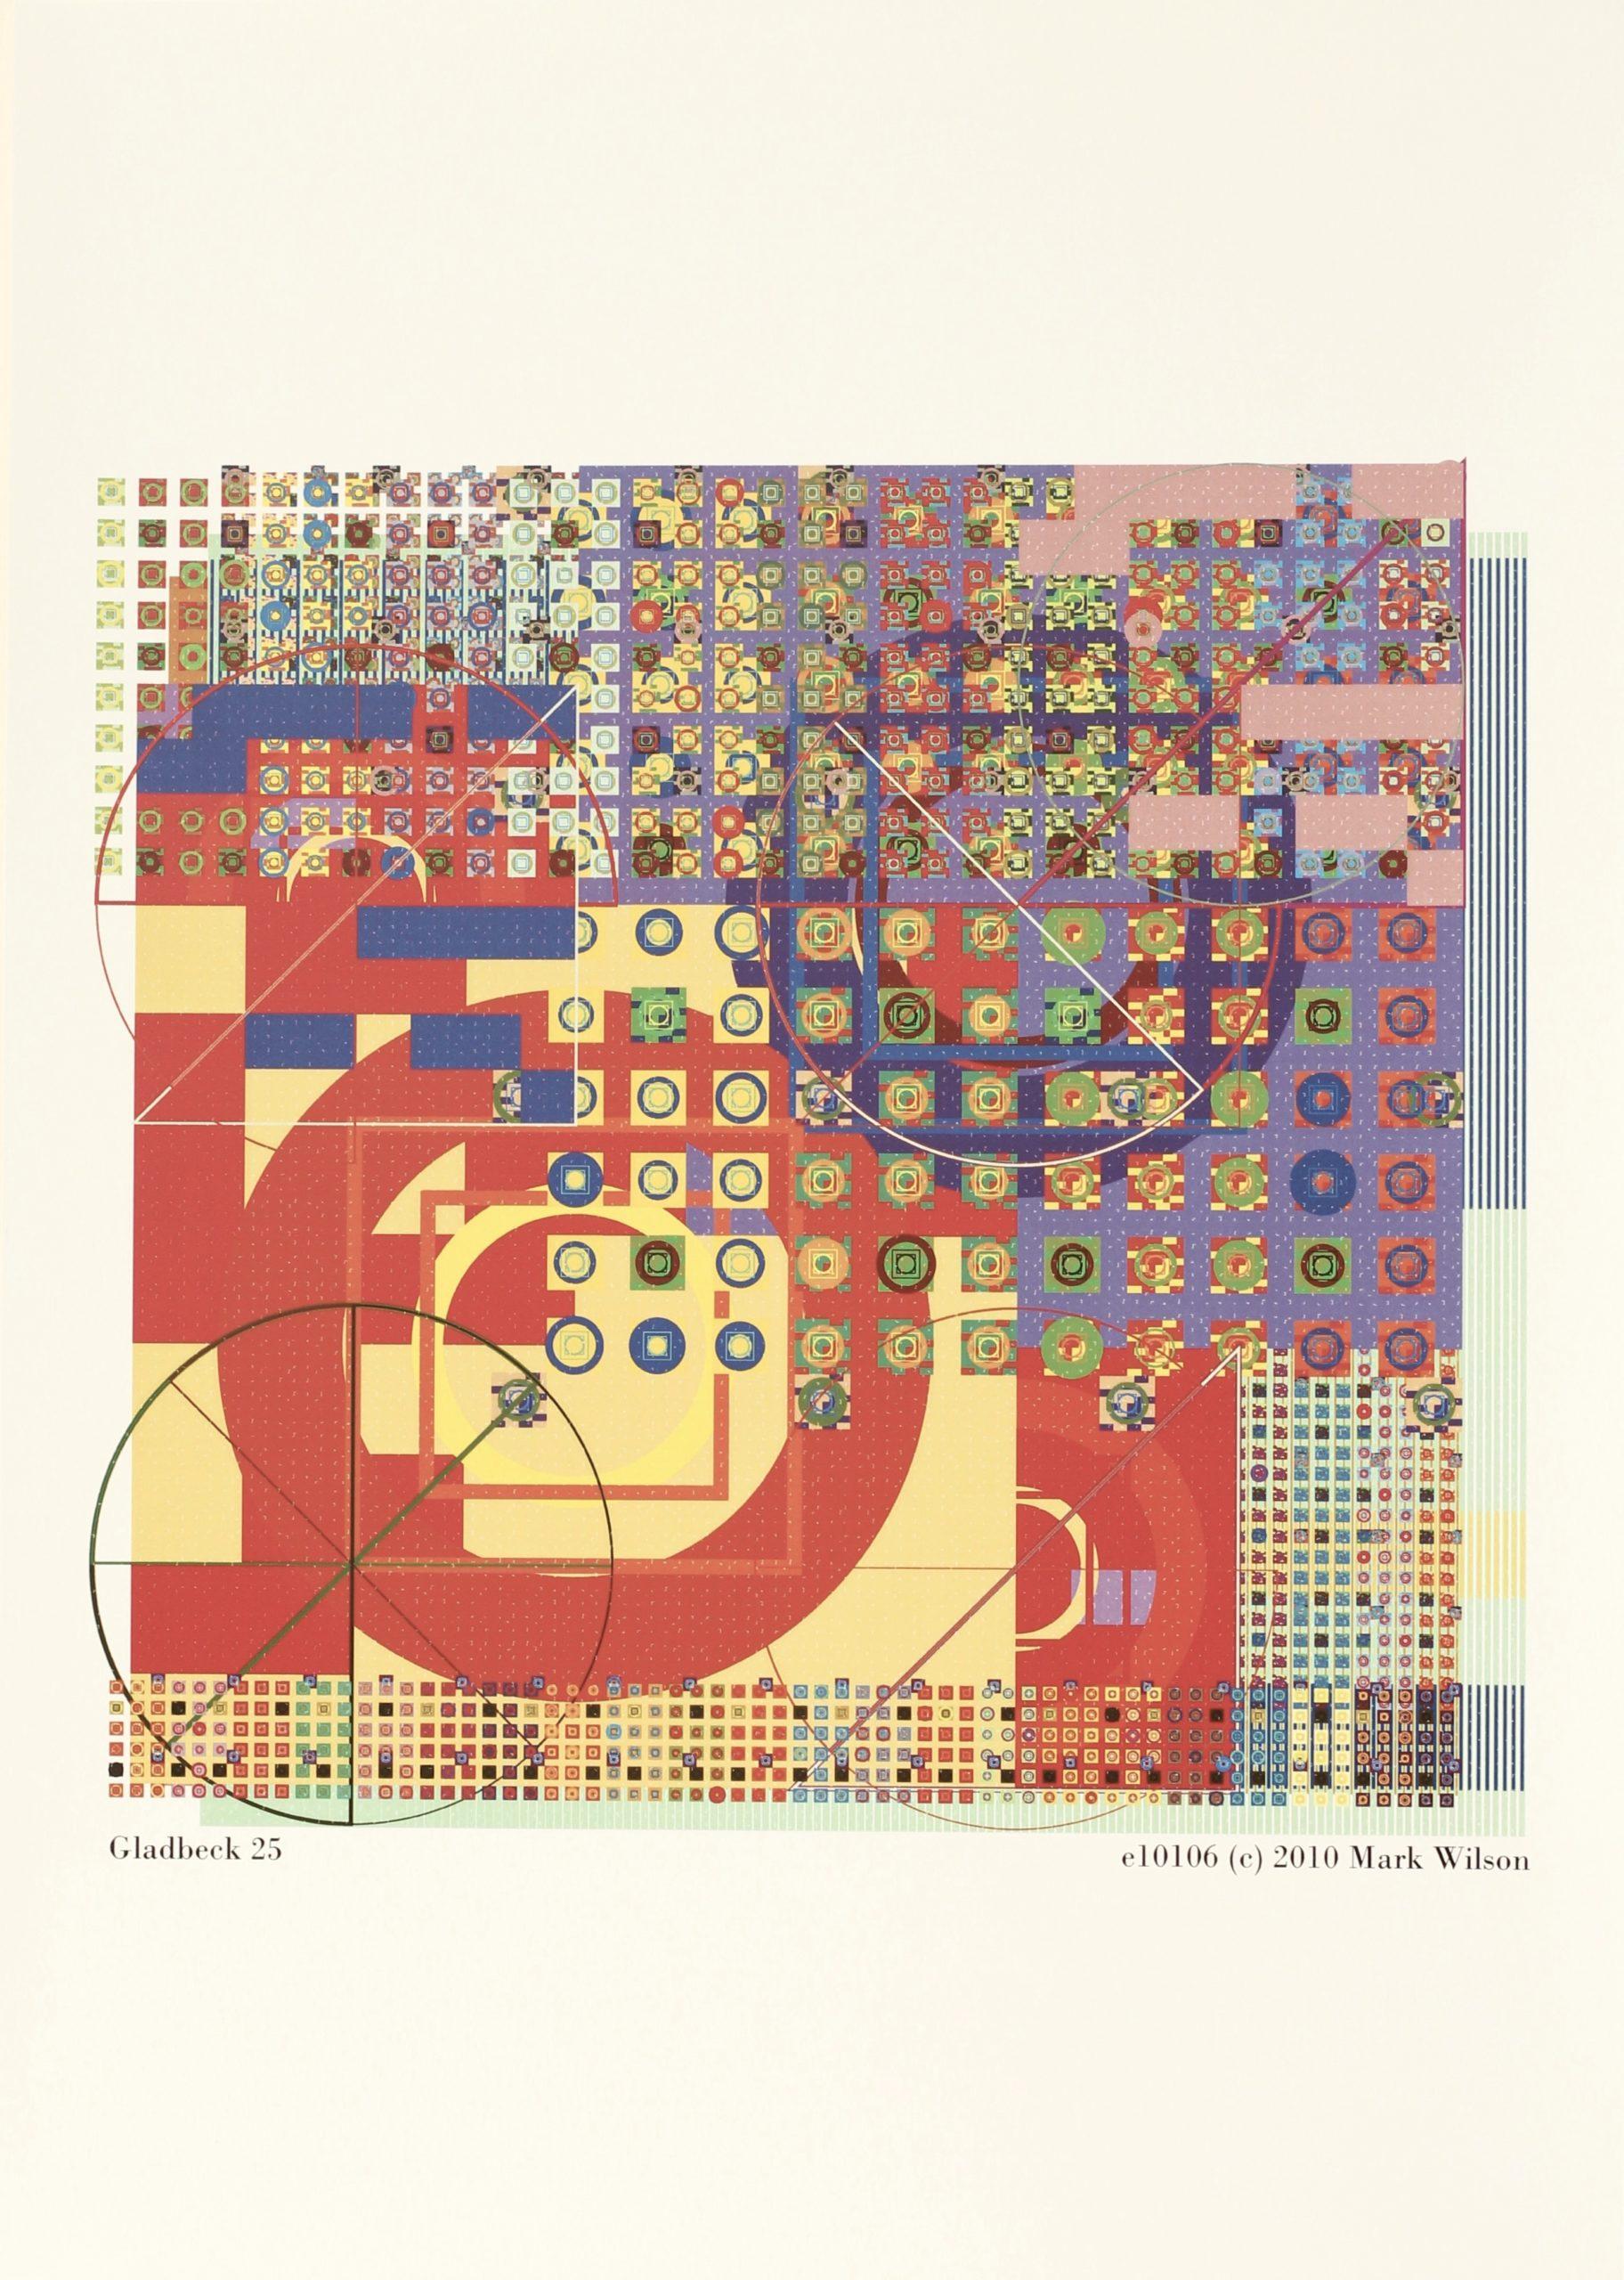 Mark Wilson, e10106, Hahnemühle Kunstdruck, 29,6 x 42 cm, Auflage von 50, 2010